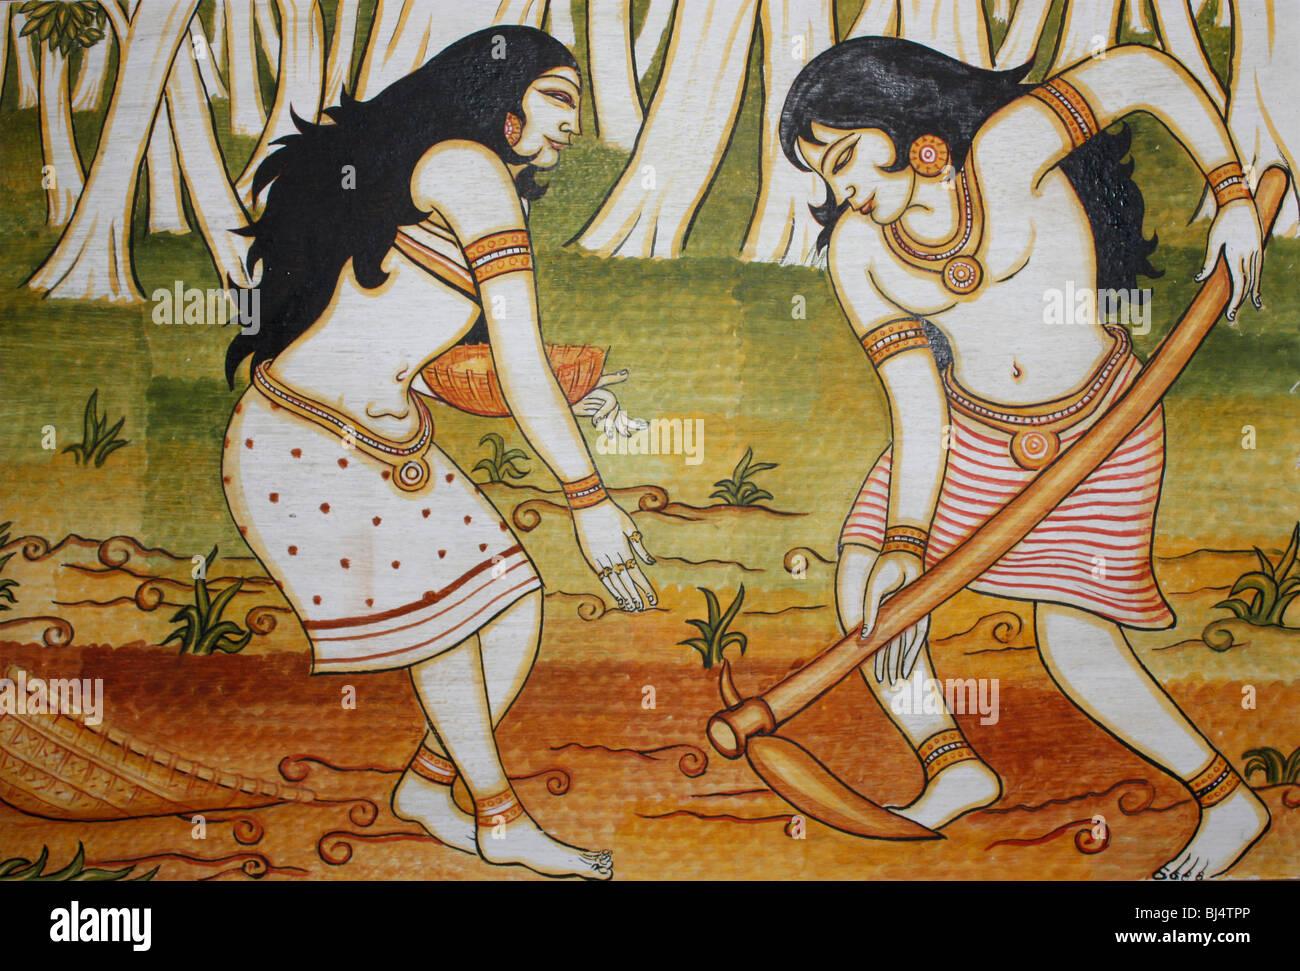 Un cuadro pintado en la pared que muestra la cultura típica de la etnia india Imagen De Stock